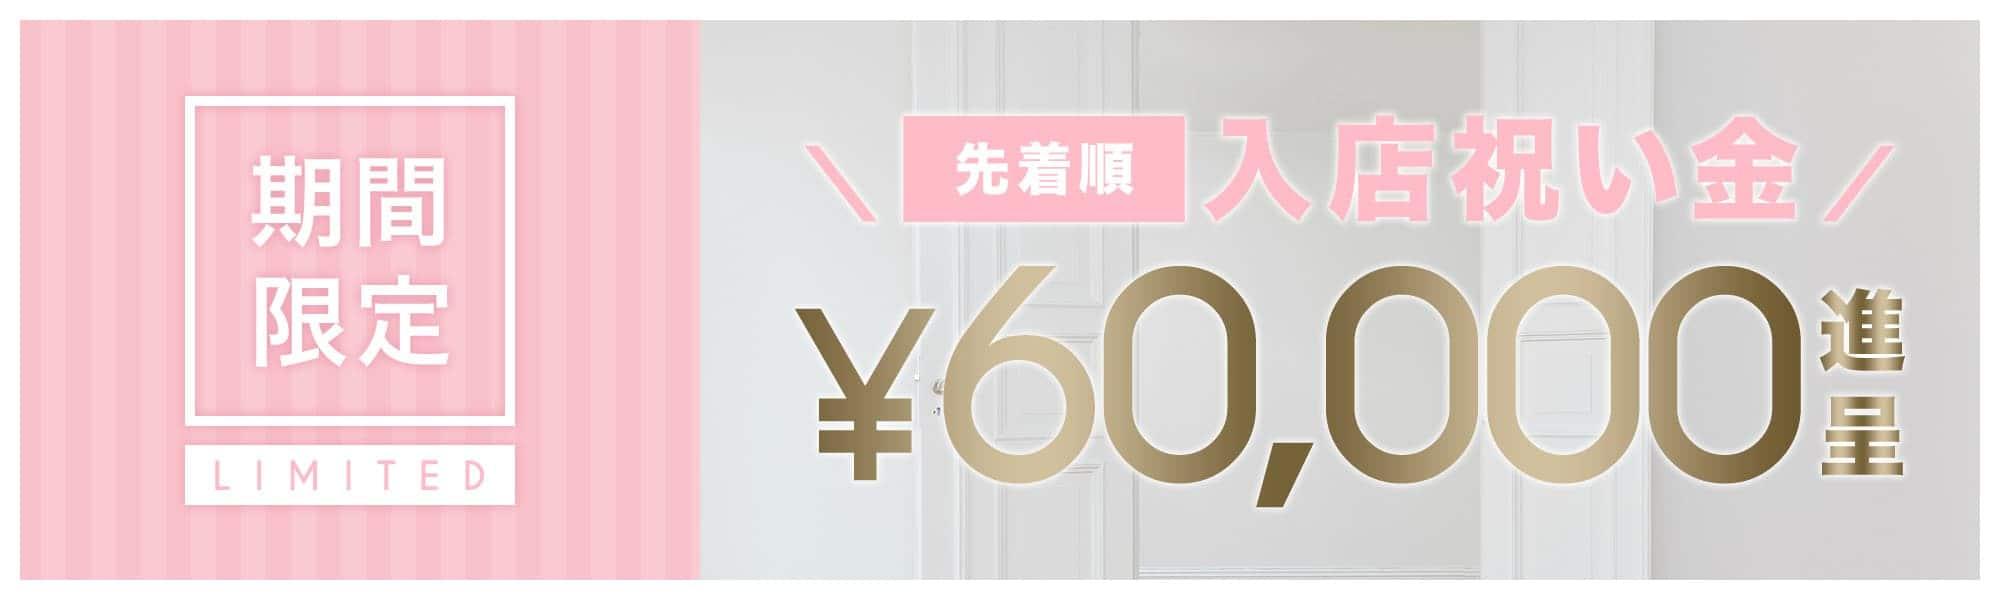 期間限定!先着順!入店祝い金¥60,000進呈!